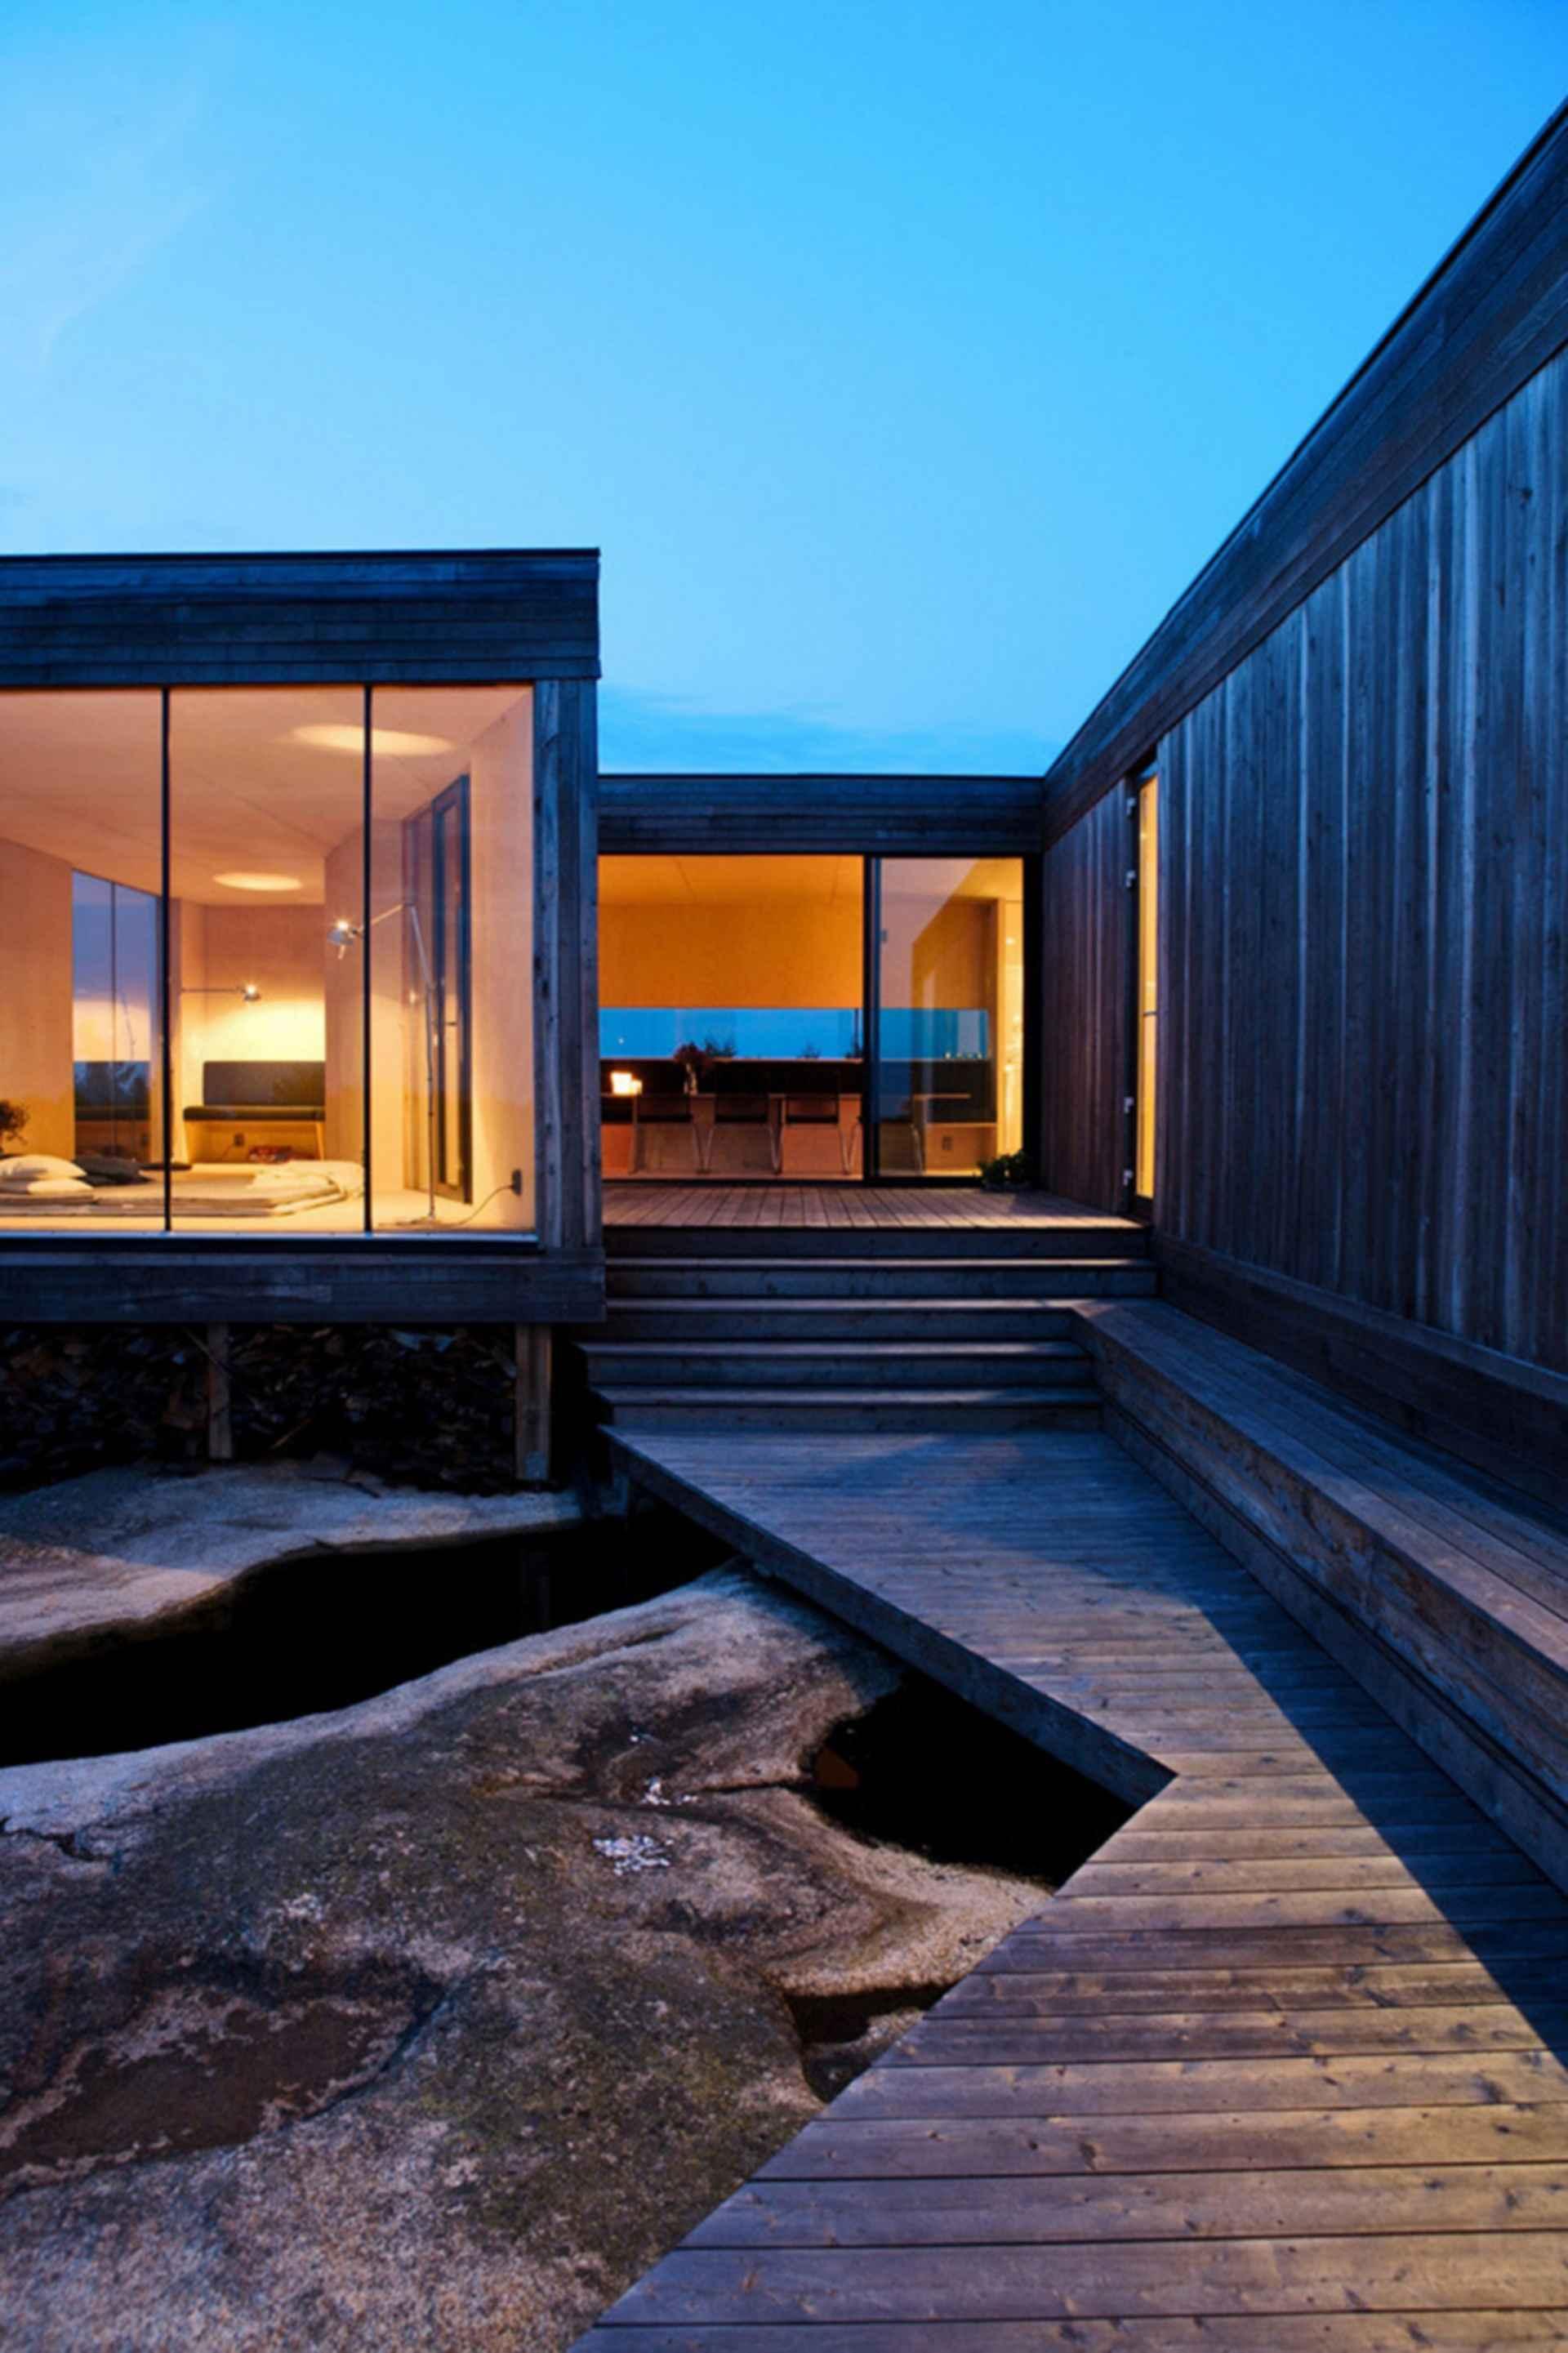 Summerhouse Inside Out Hvaler - exterior